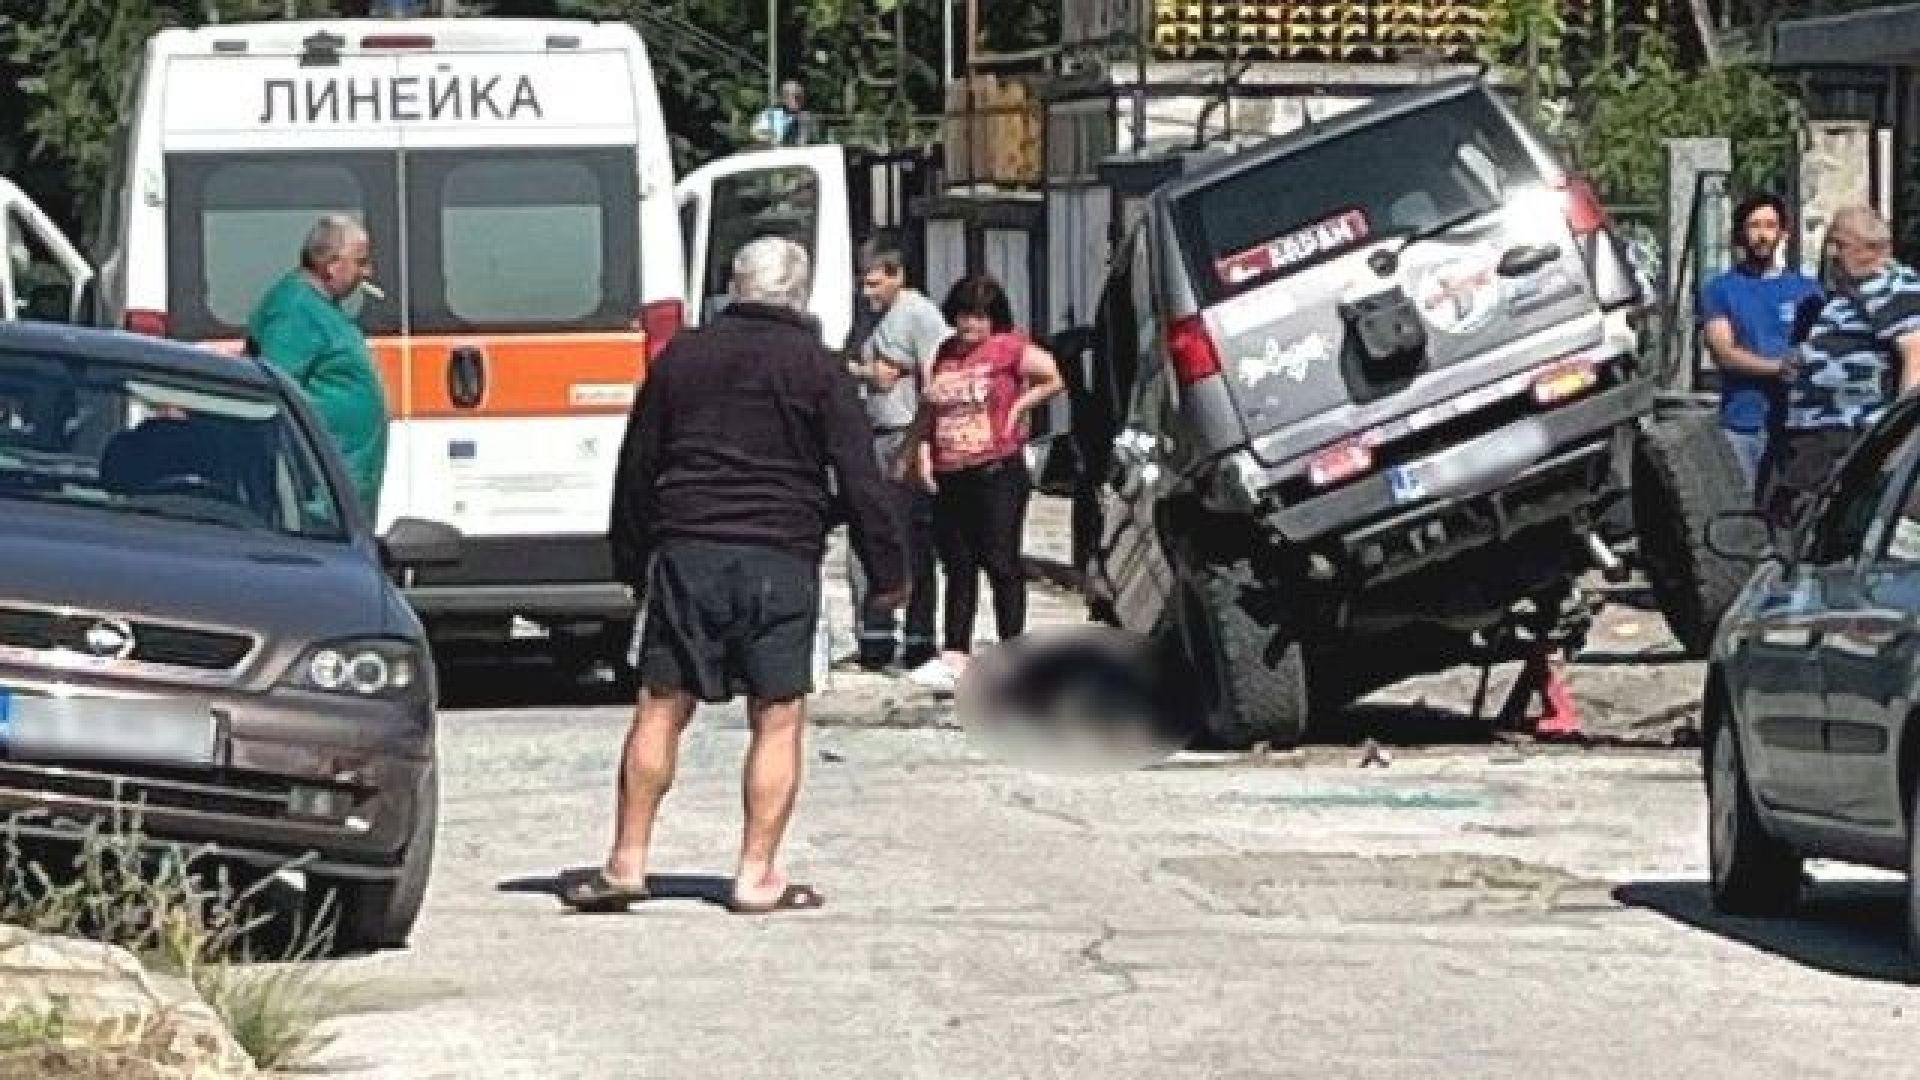 37-годишен мъж загина, след като резервоарът на автомобила му се взриви